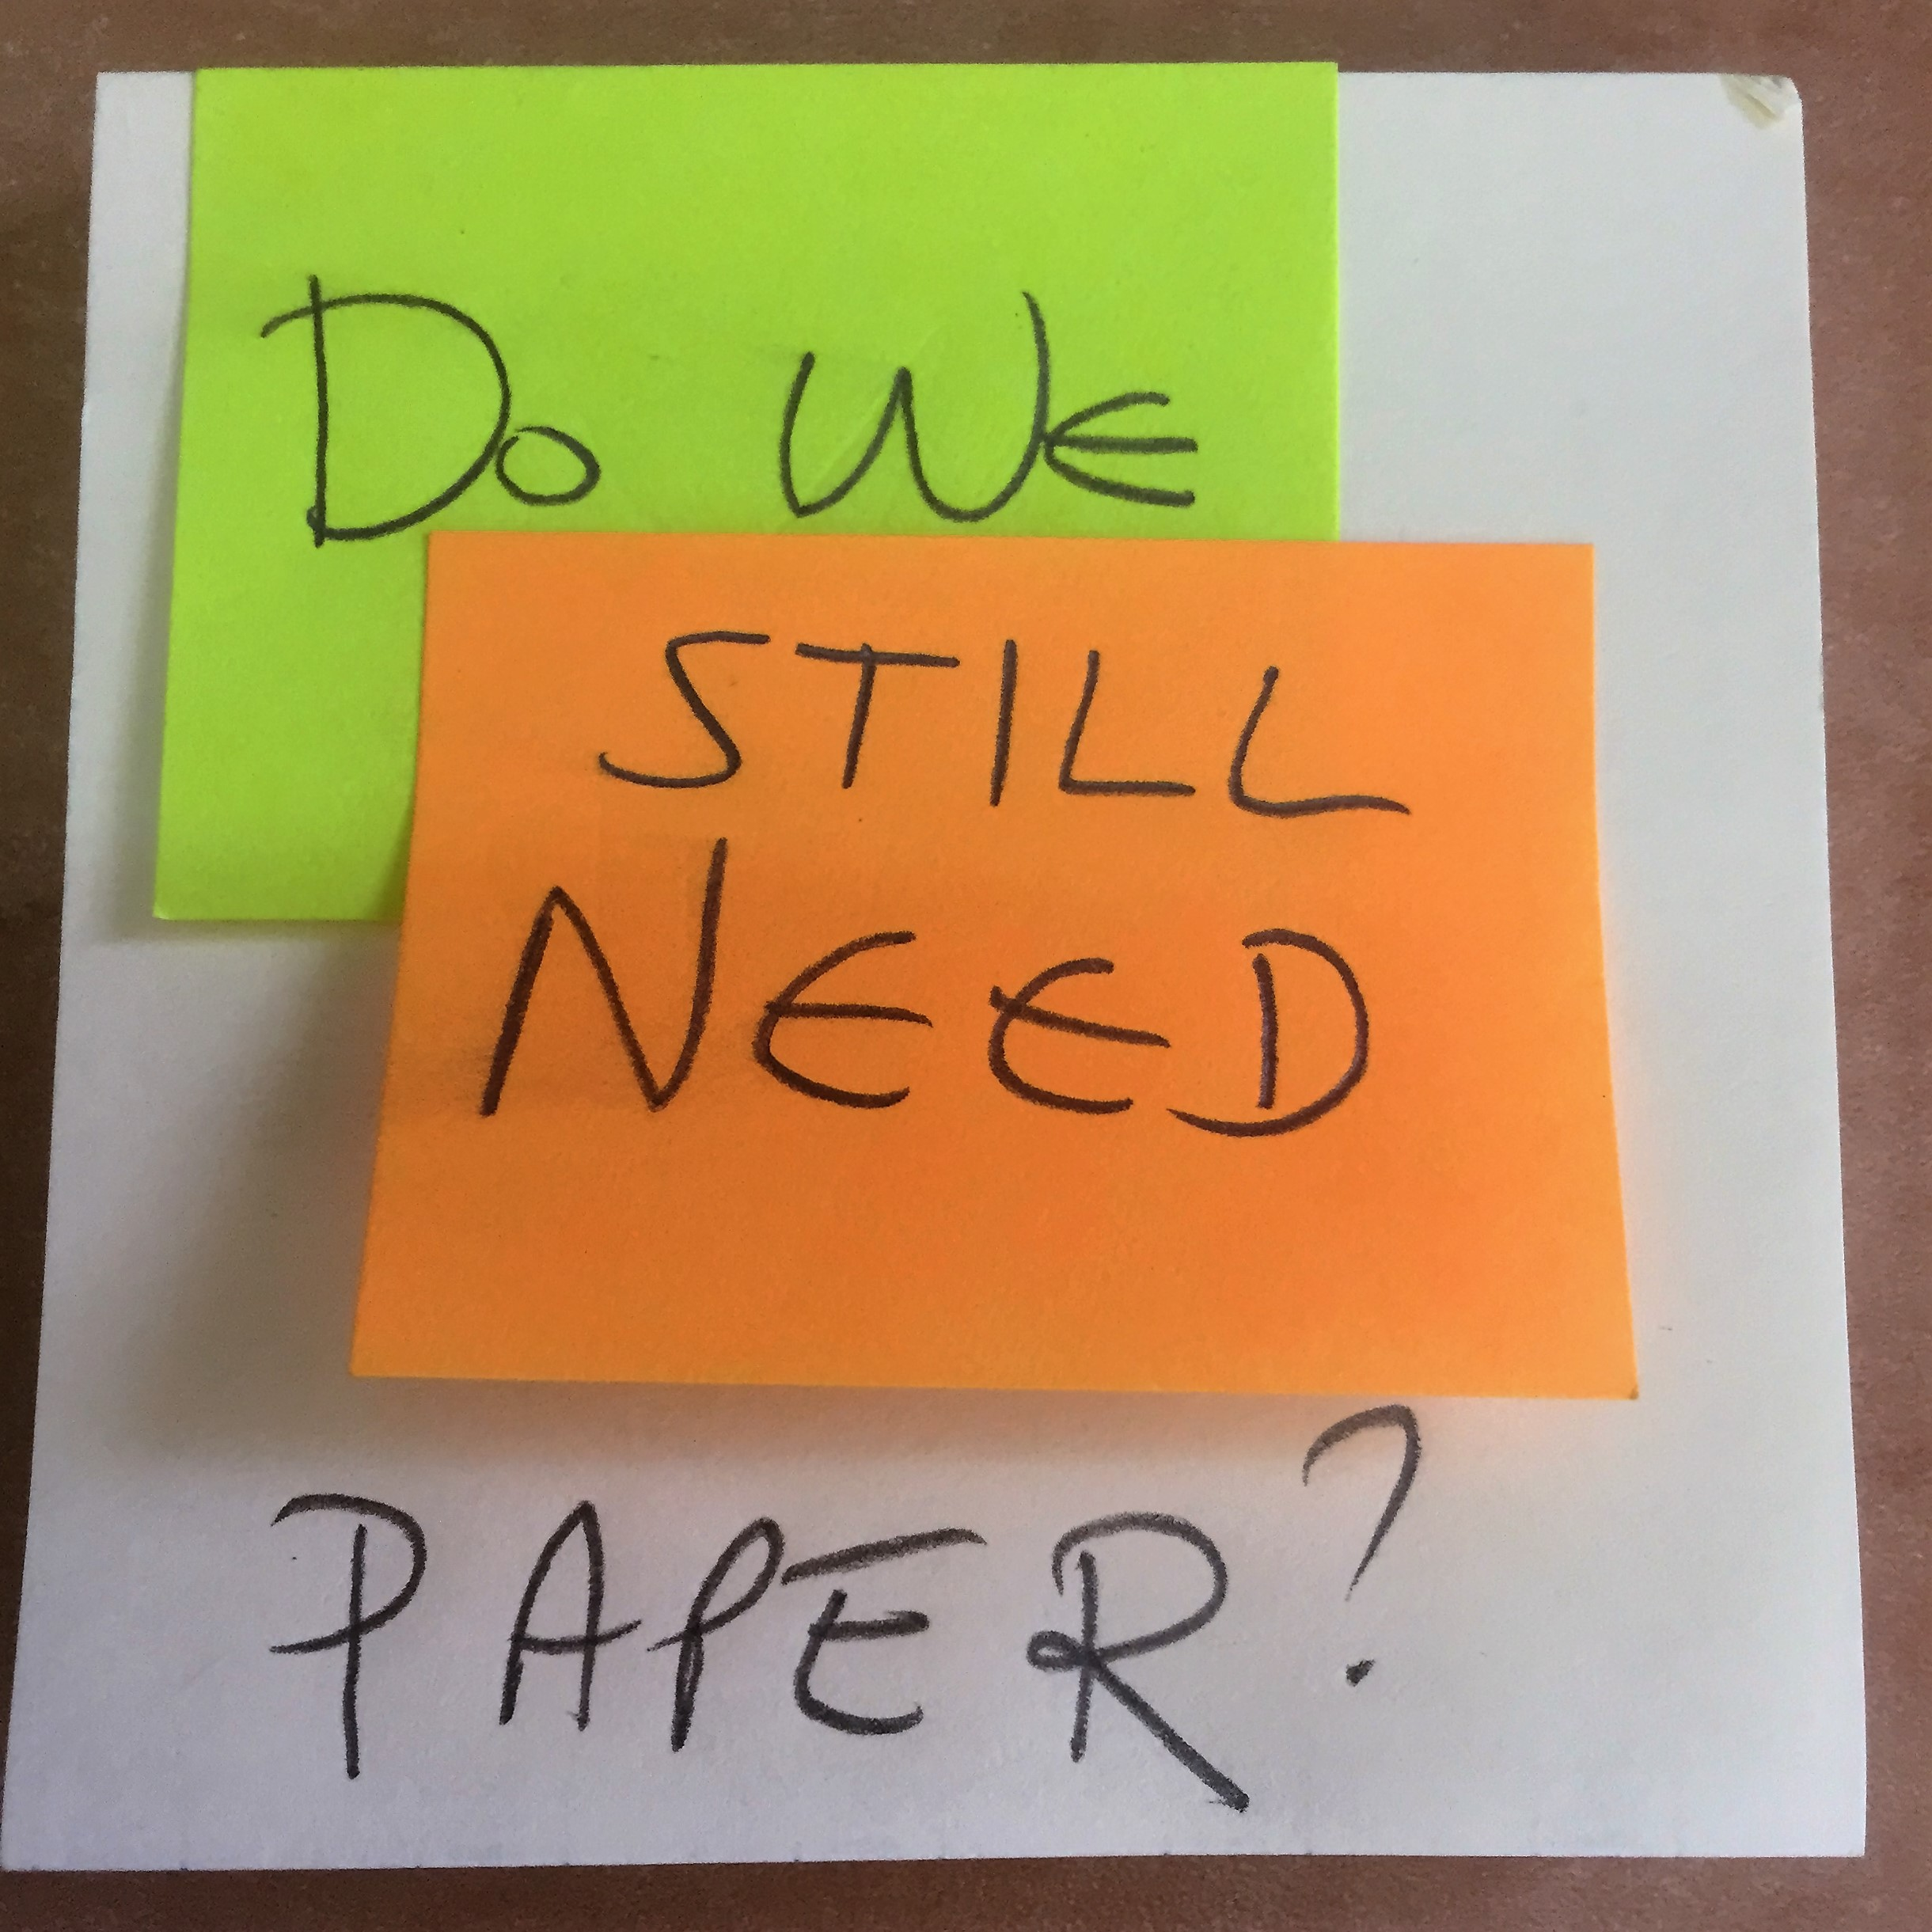 מי בכלל צריך נייר? by Mel Rosenberg - מל רוזנברג - Illustrated by תרגום: מיקי פלד - Ourboox.com